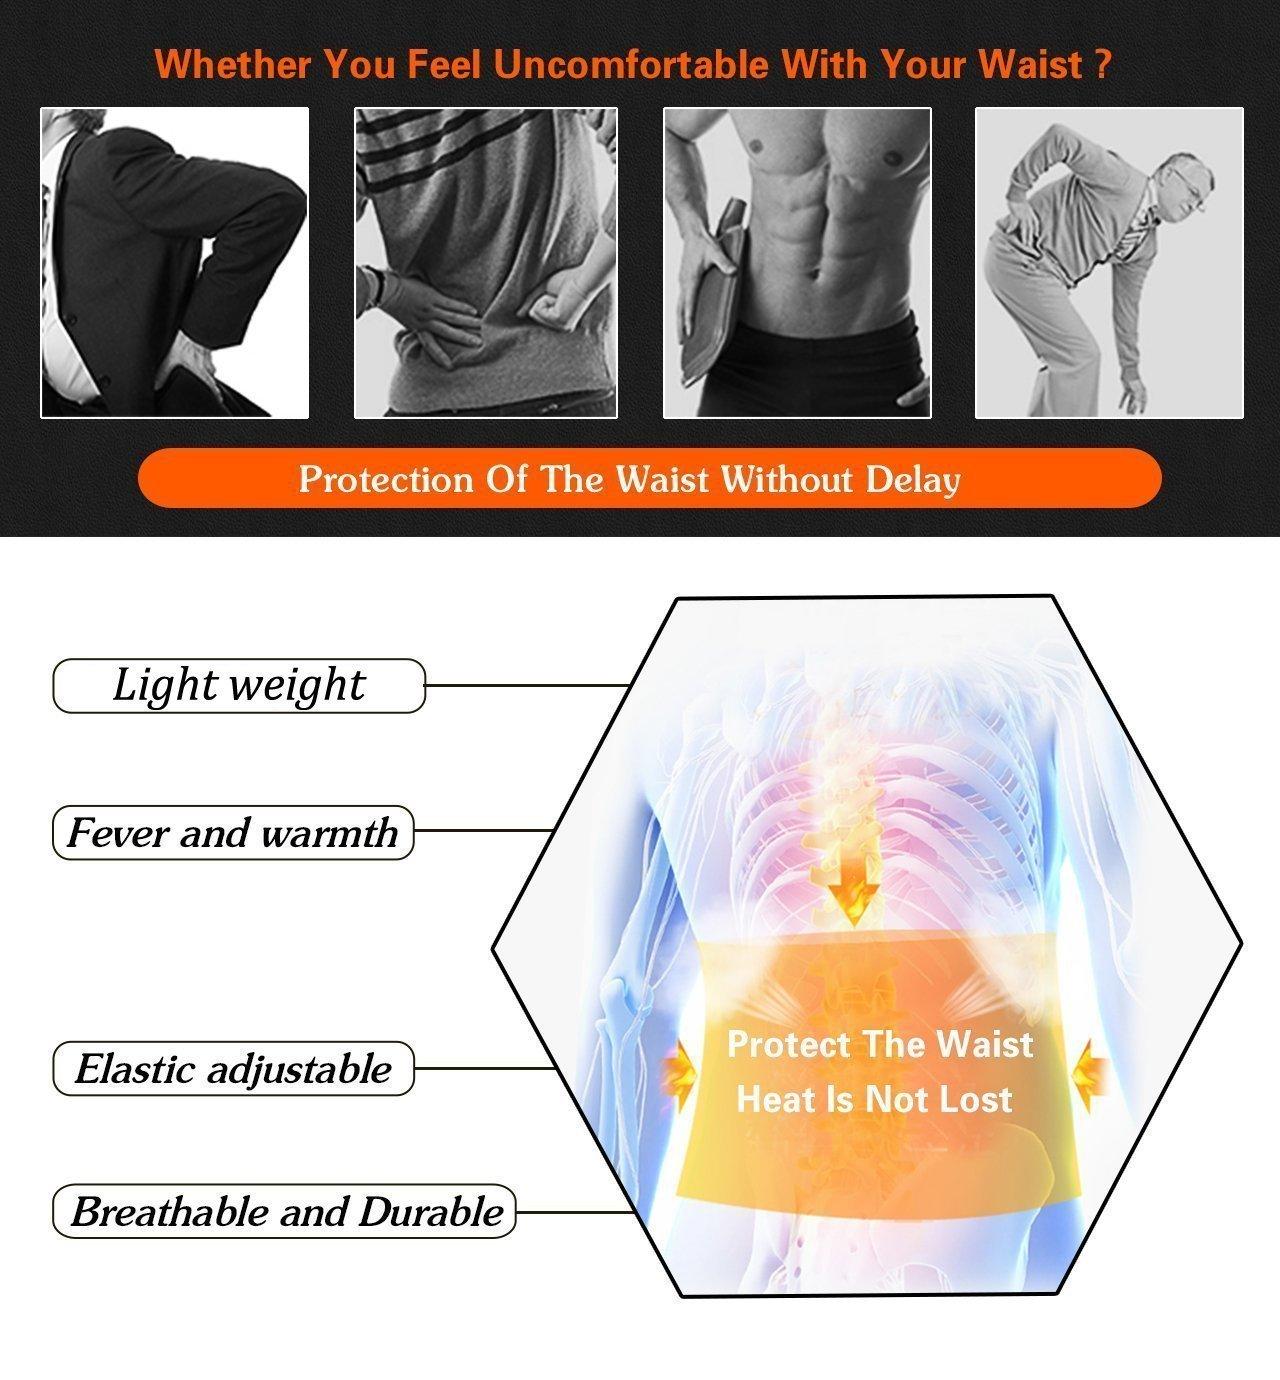 Orange-XL ZSZBACE Bauchwegg/ürtel Schwitzg/ürtel Neopren Bauchg/ürtel mit Ma/ßband Waist Trimmer Verstellbarer Fitnessg/ürtel Zum Abnehmen und Muskelaufbau f/ür Herren und Damen